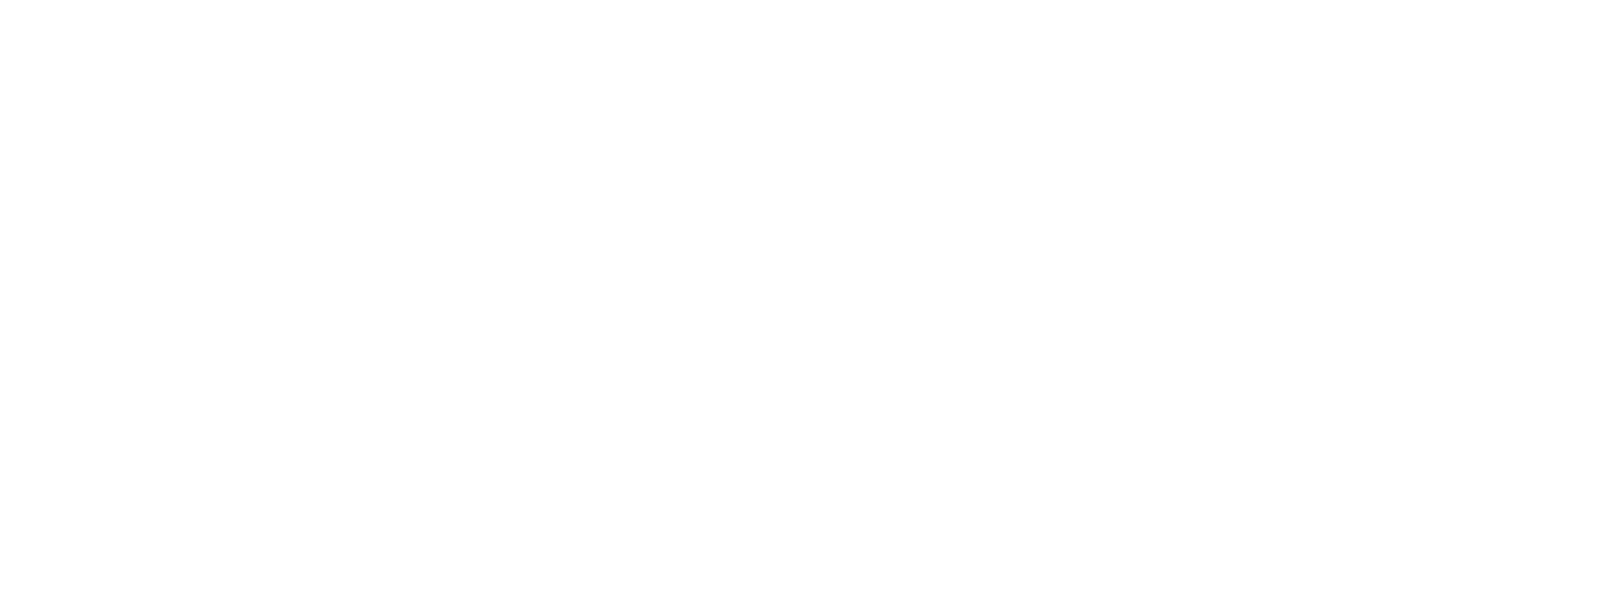 asurion_logo_white_rgb.png